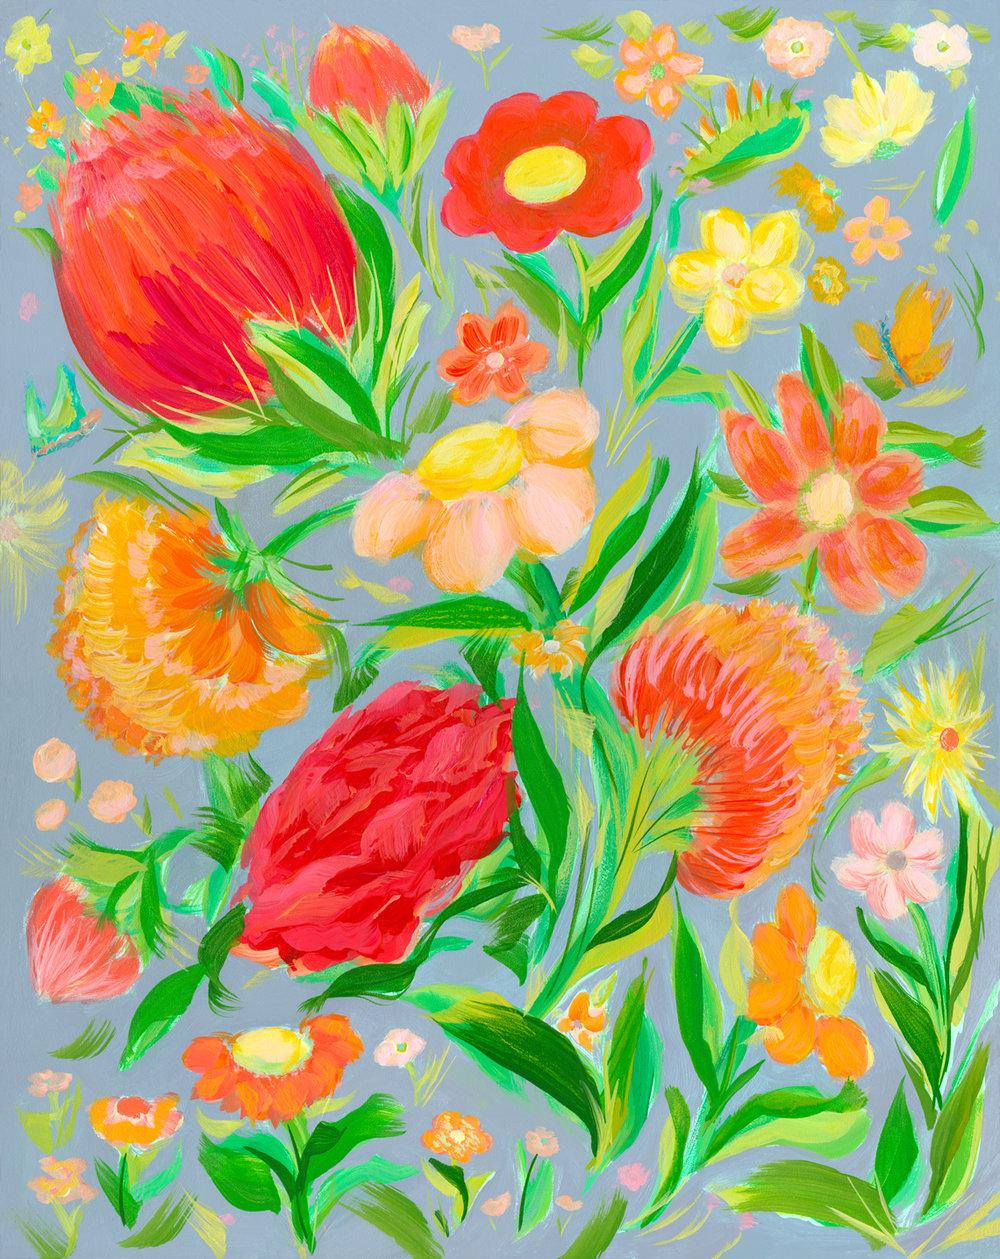 Allyn_Howard_Flowers_reds-oranges_dpGry.jpg